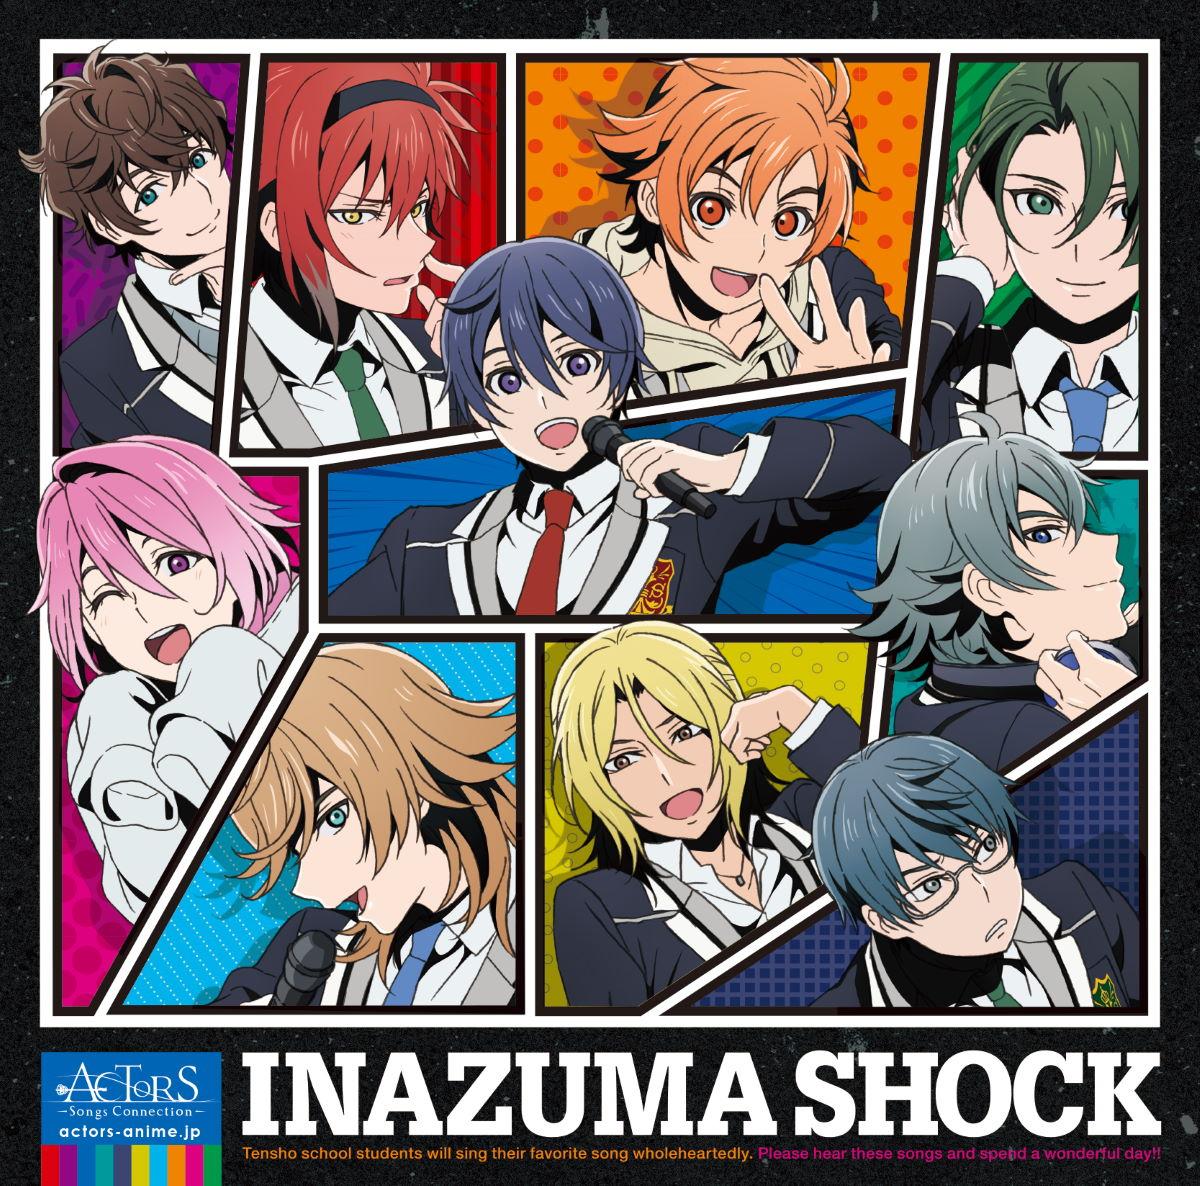 『サクタスケ - INAZUMA SHOCK』収録の『INAZUMA SHOCK』ジャケット